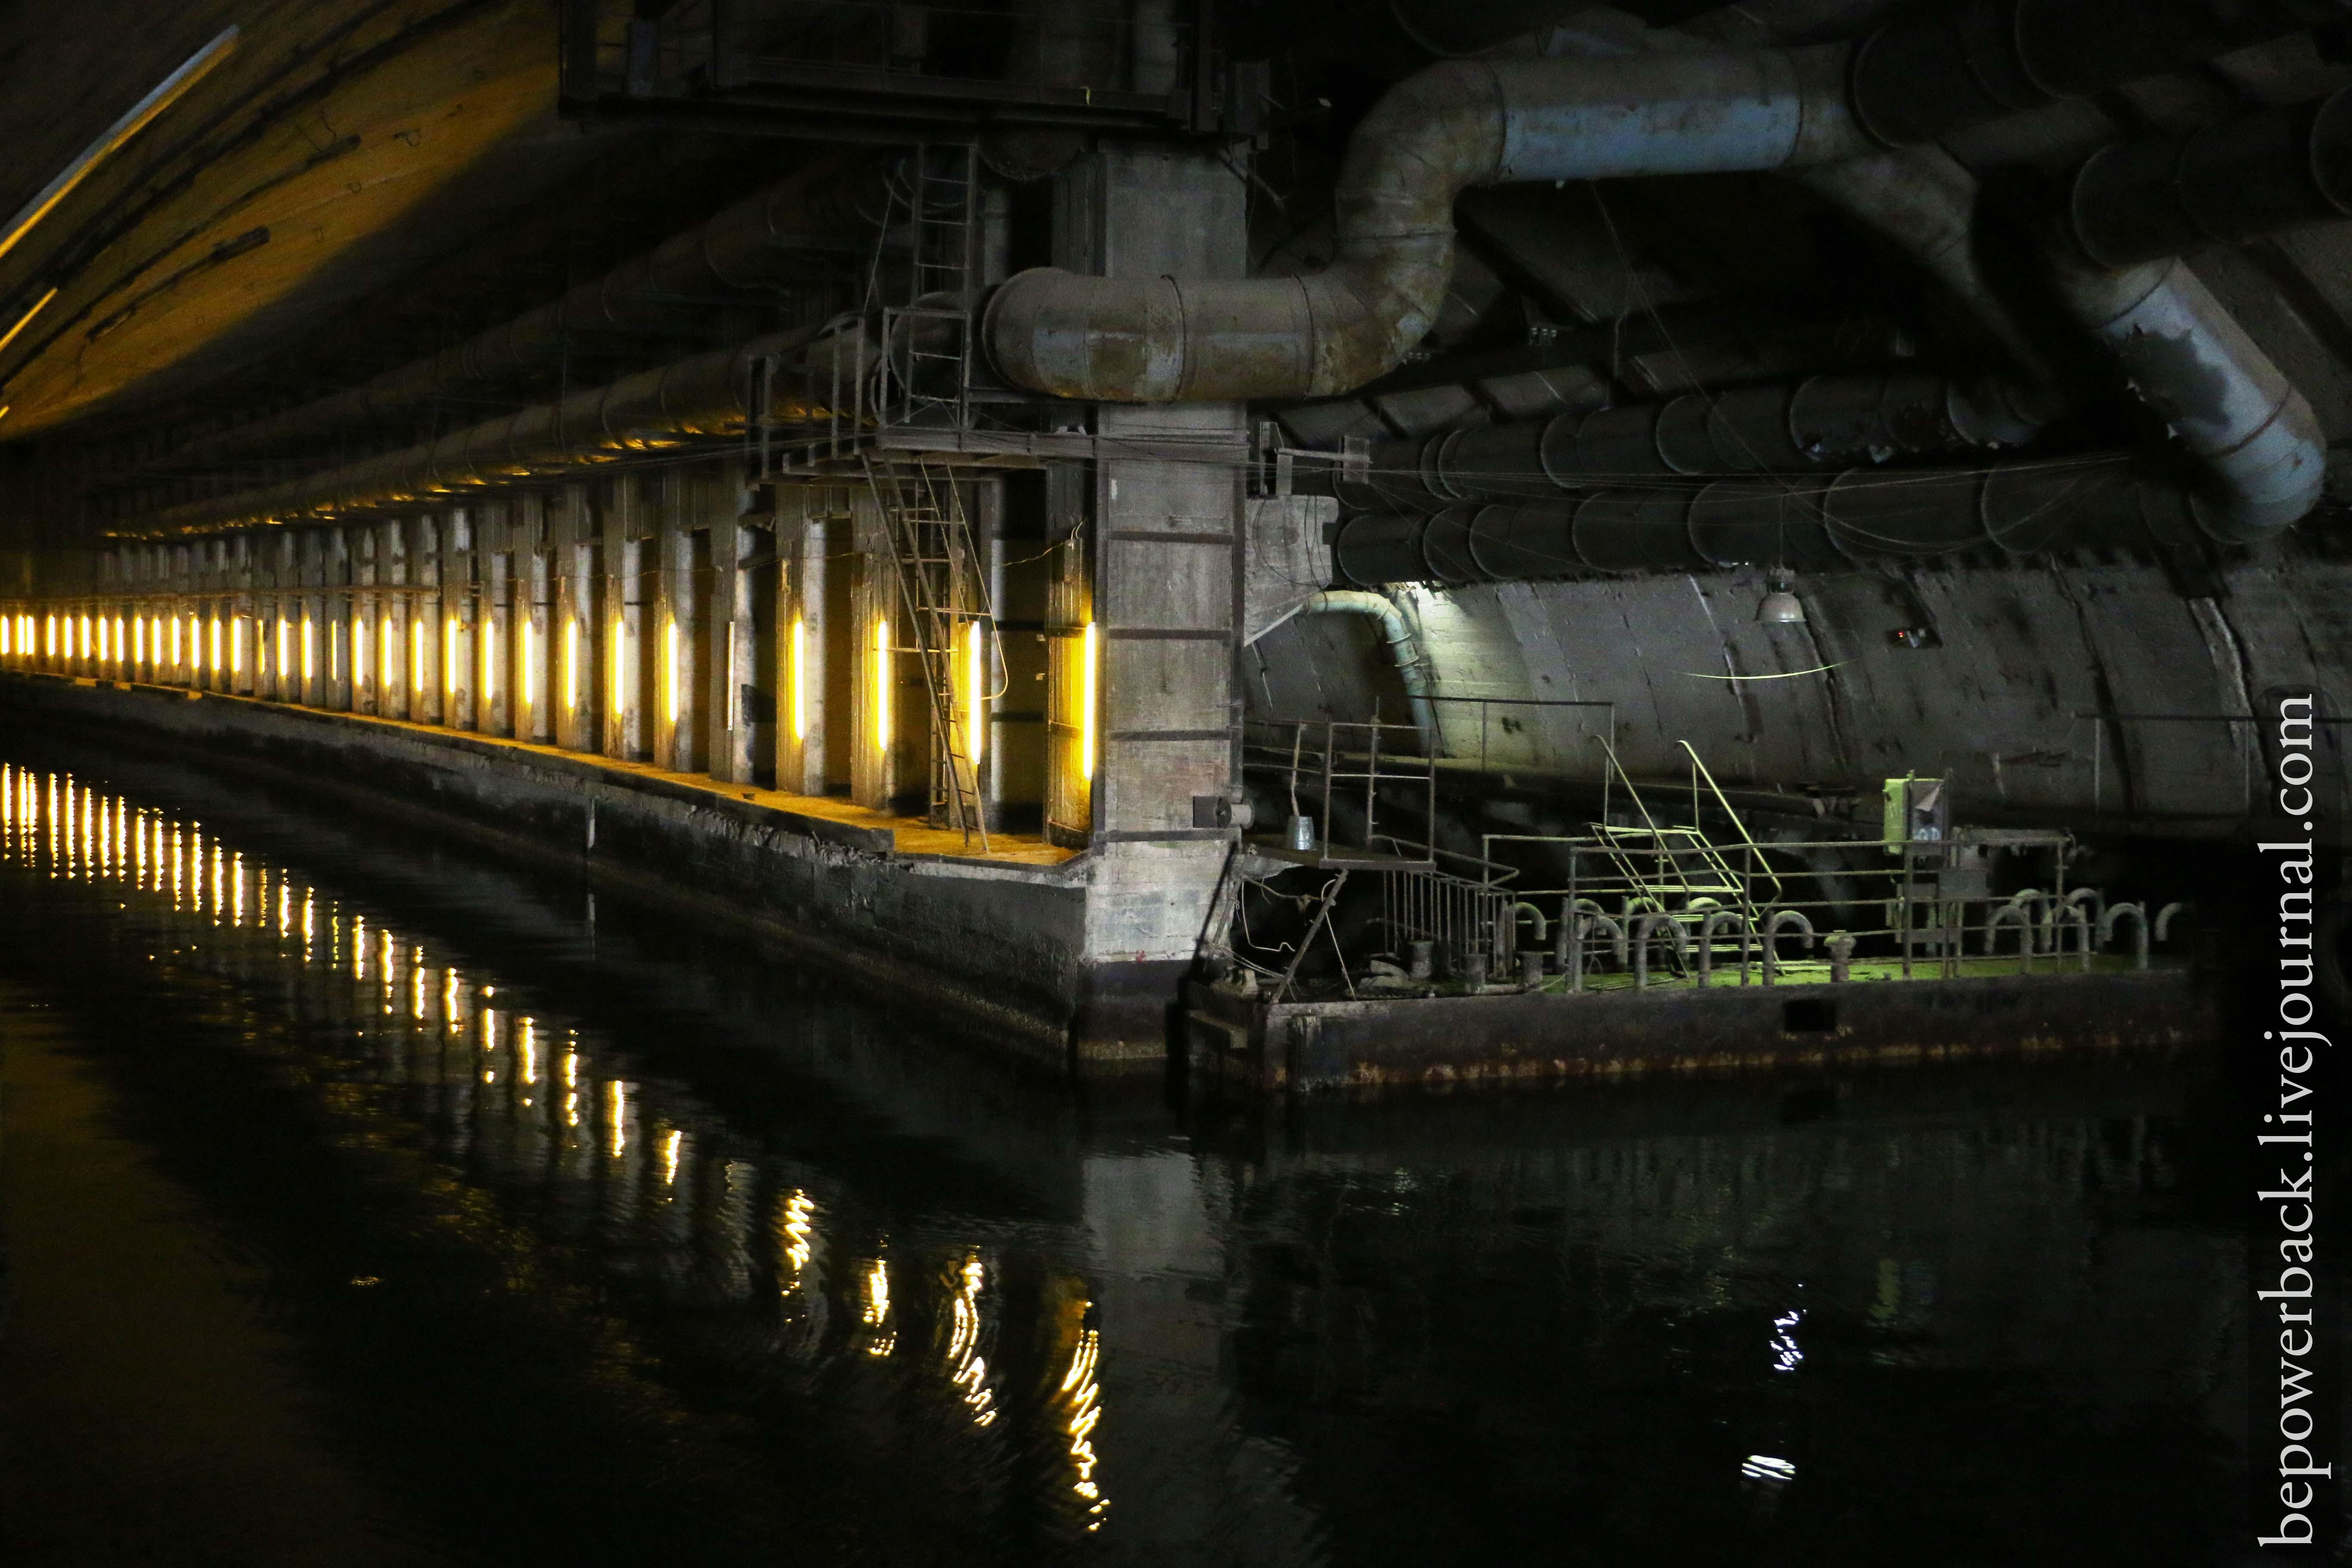 фотографиями балаклава база подводных лодок фото этом еще